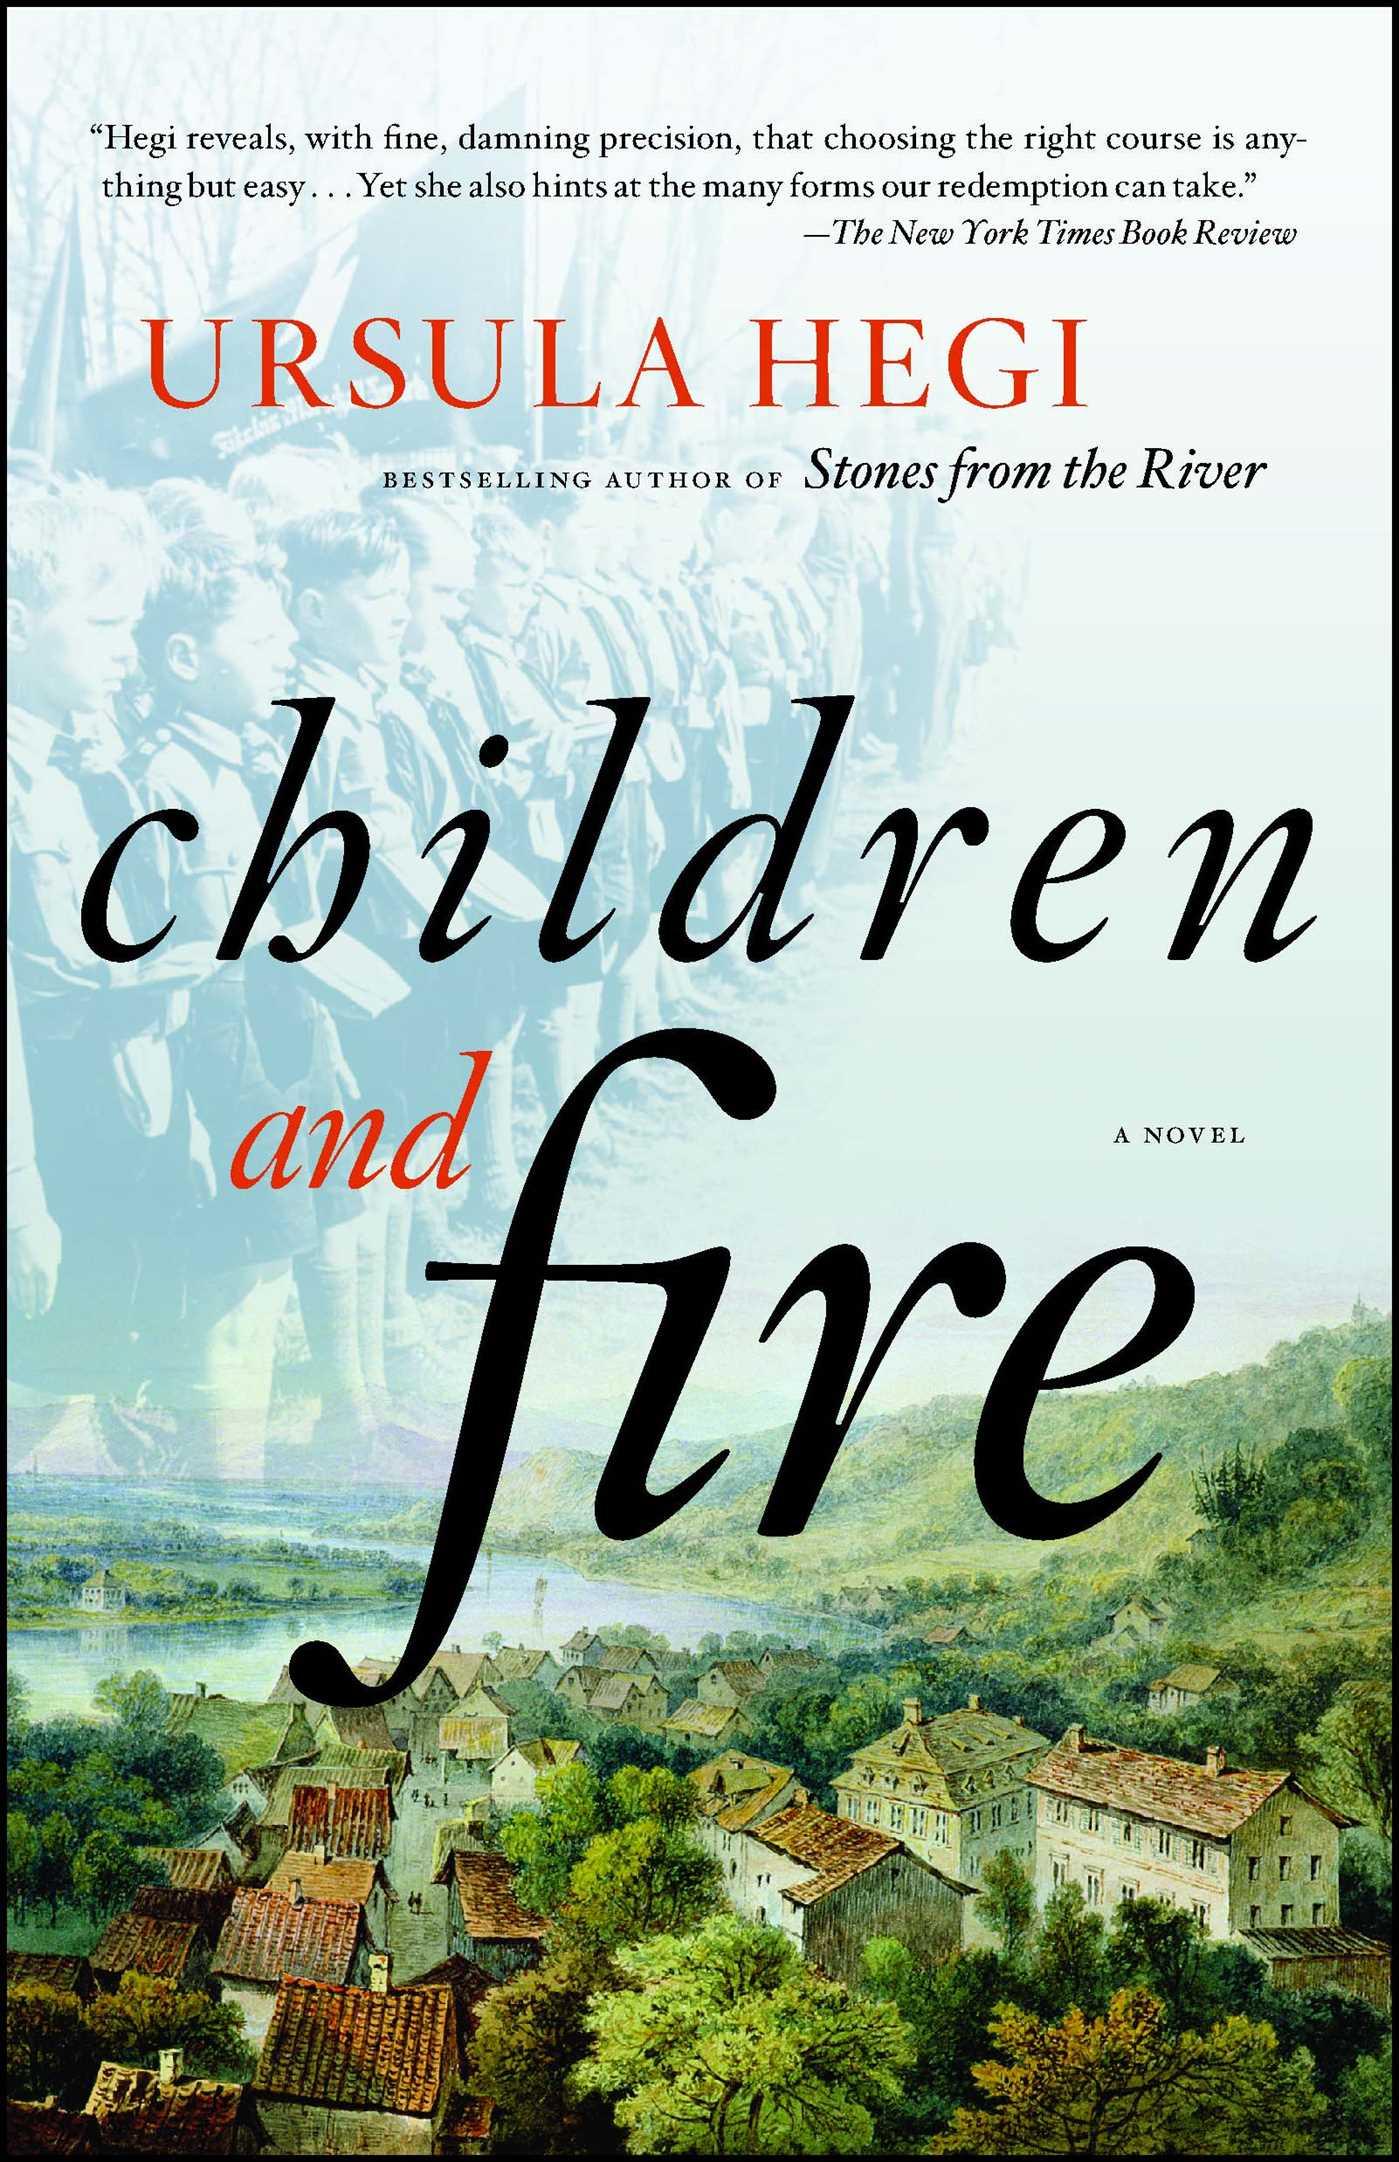 Children and fire 9781451608304 hr